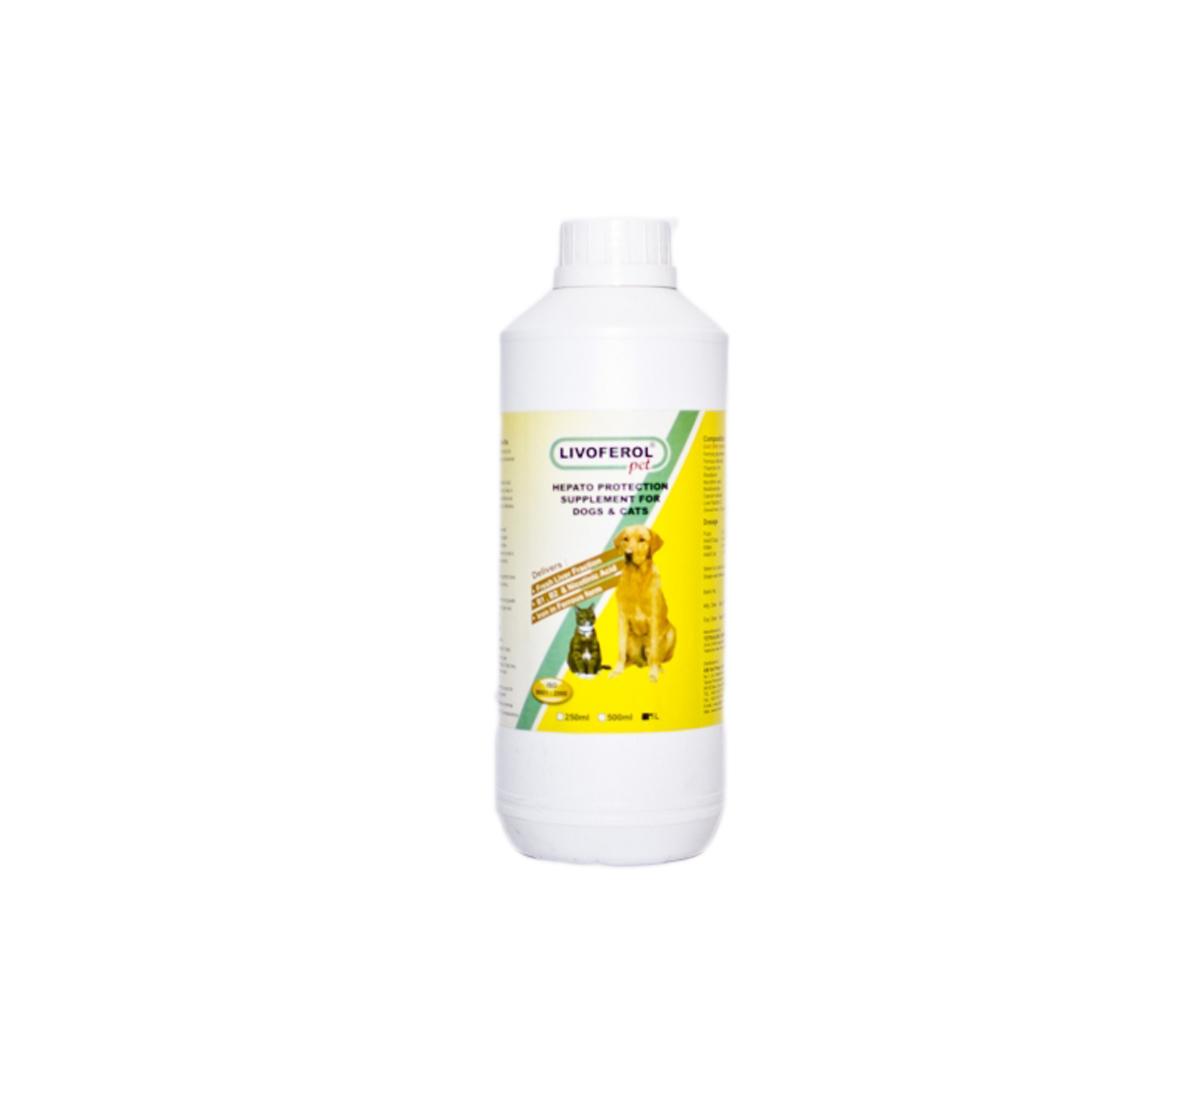 Livoferol Pet Supplement - 200 ml